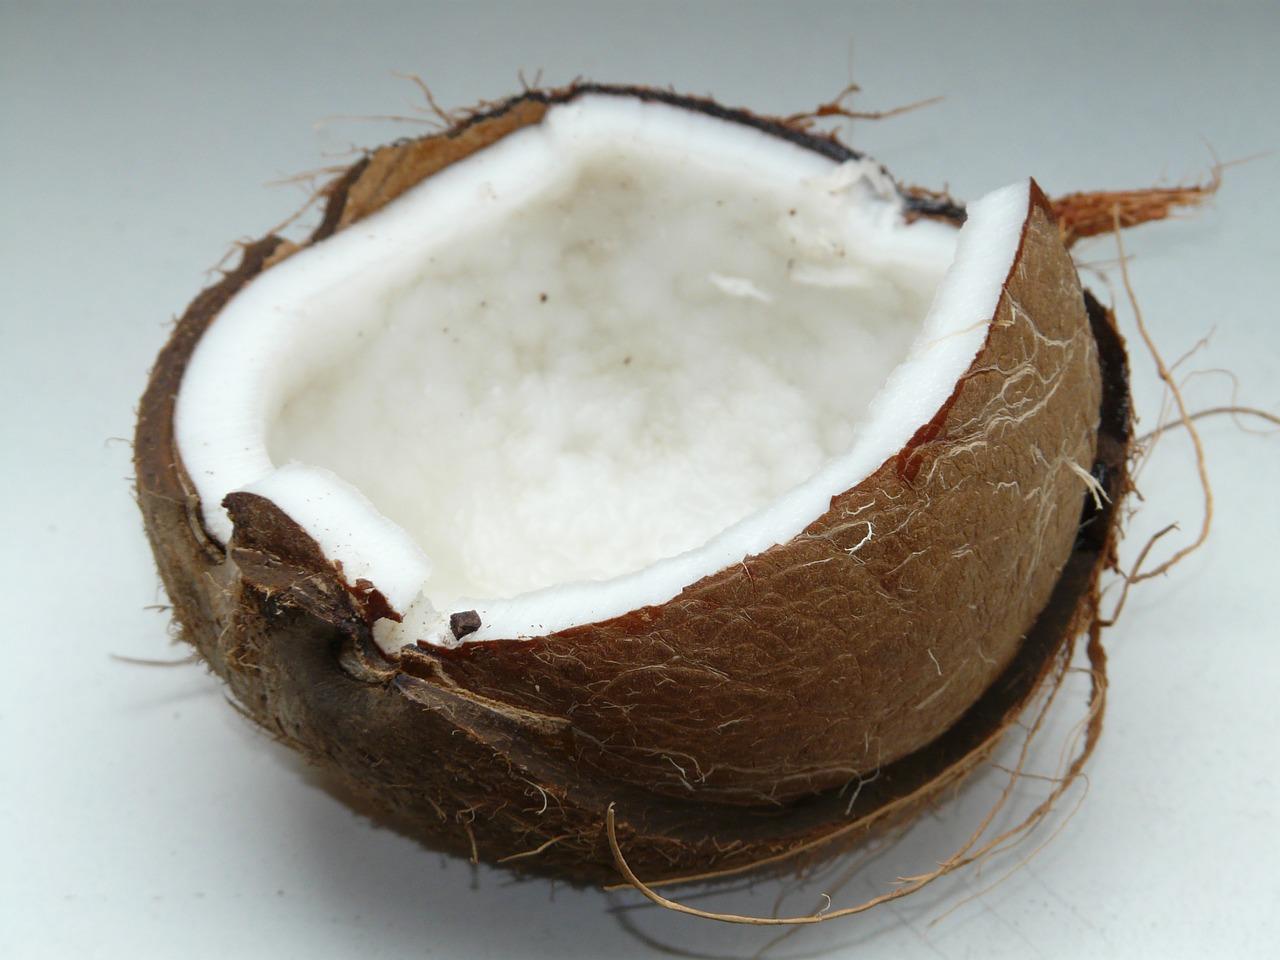 Kokosnussmehl besteht aus getrocknetem Kokosfleisch